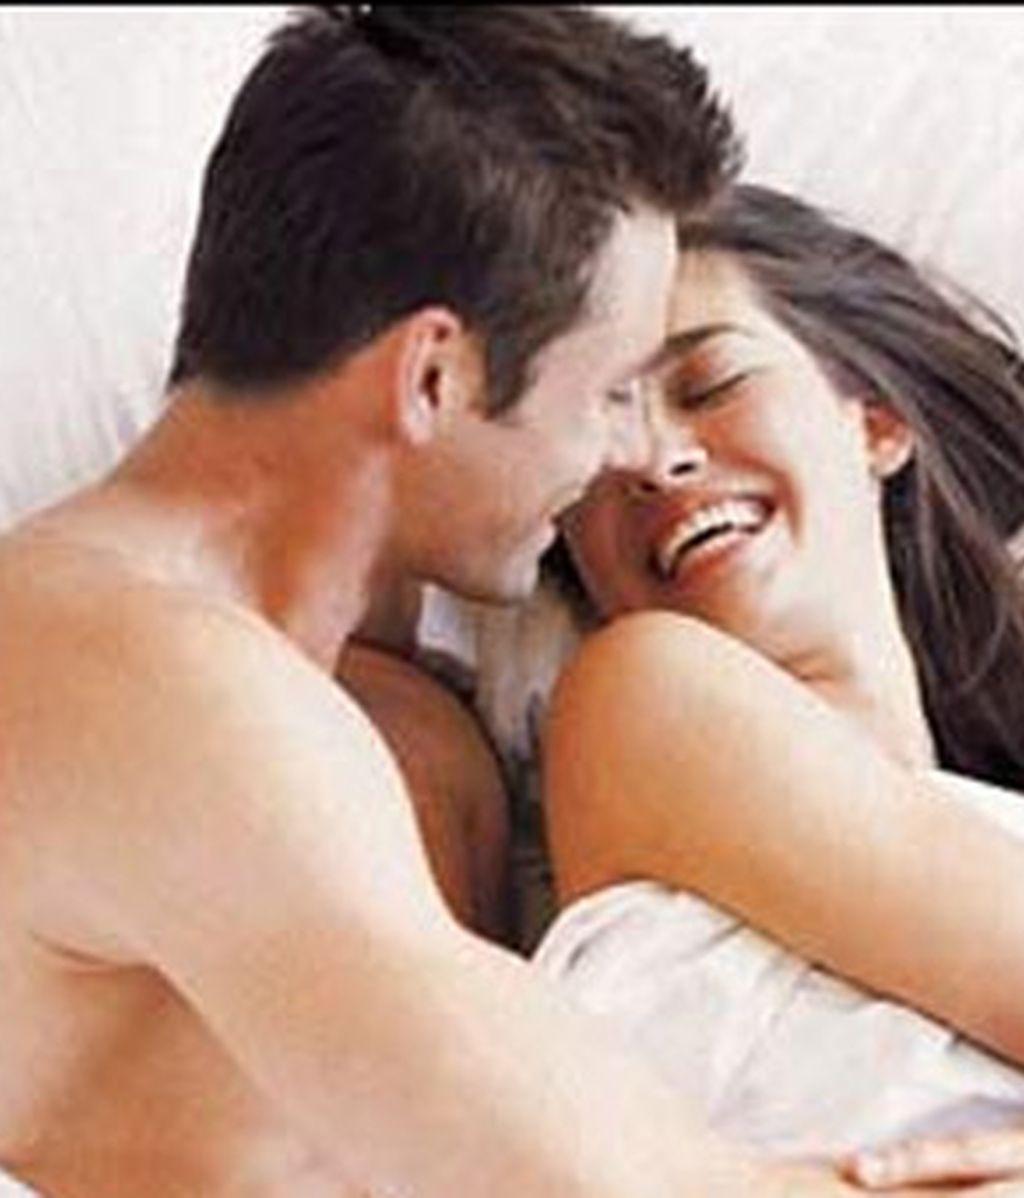 El tratamiento es indicado en mujeres que sufran un período de 18 meses de baja libido.